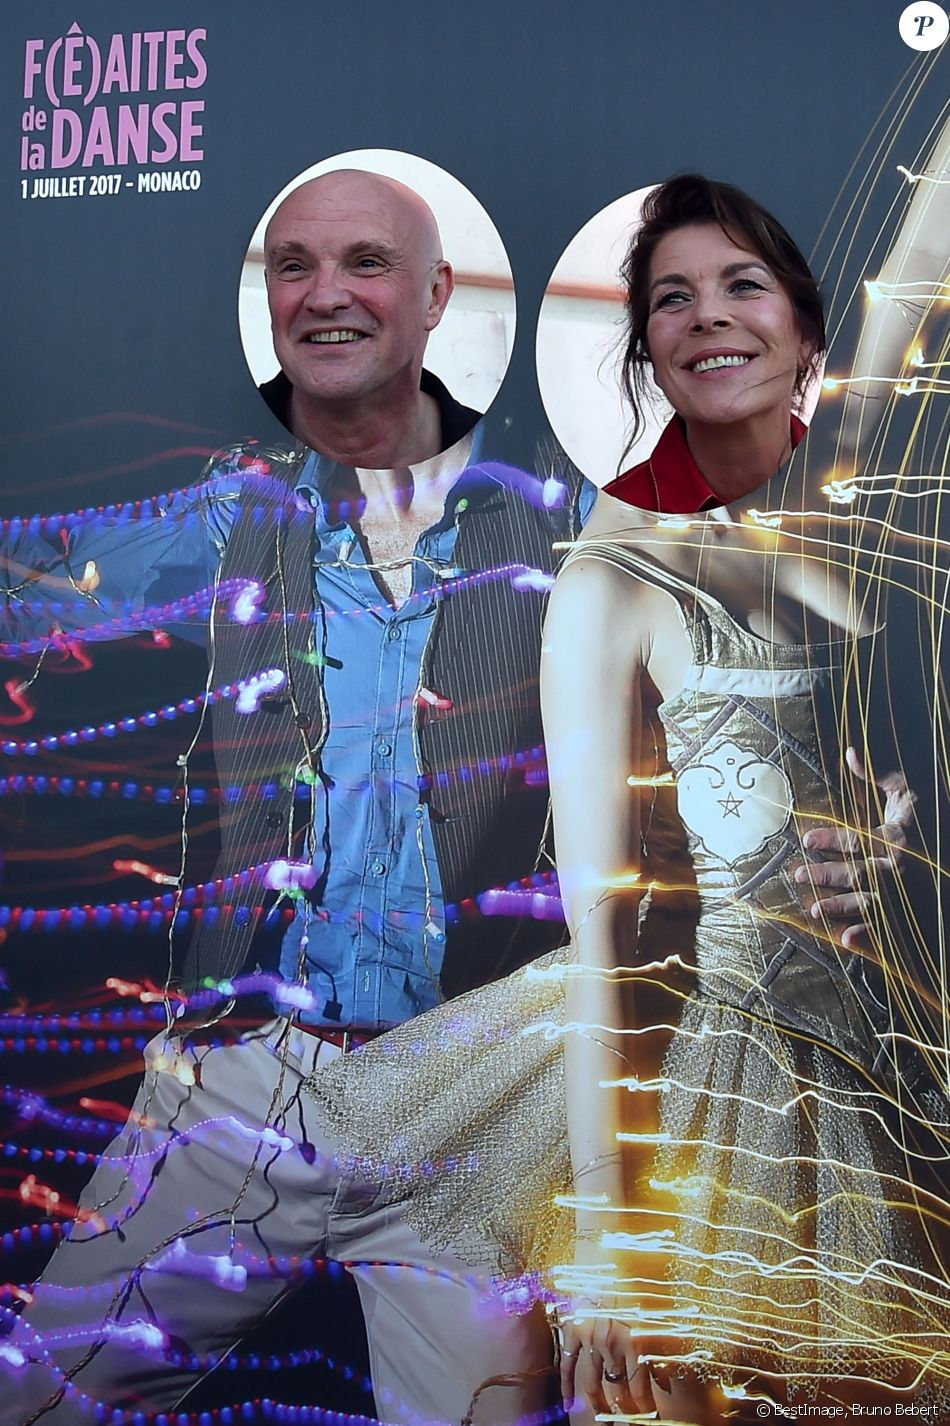 """Jean-Christophe Maillot et la princesse Caroline de Hanovre durant la 1ère """"F(ê)aites de la Danse"""" sur la Place du Casino à Monaco le 1er juillet 2017.  © Bruno Bebert/Bestimage"""